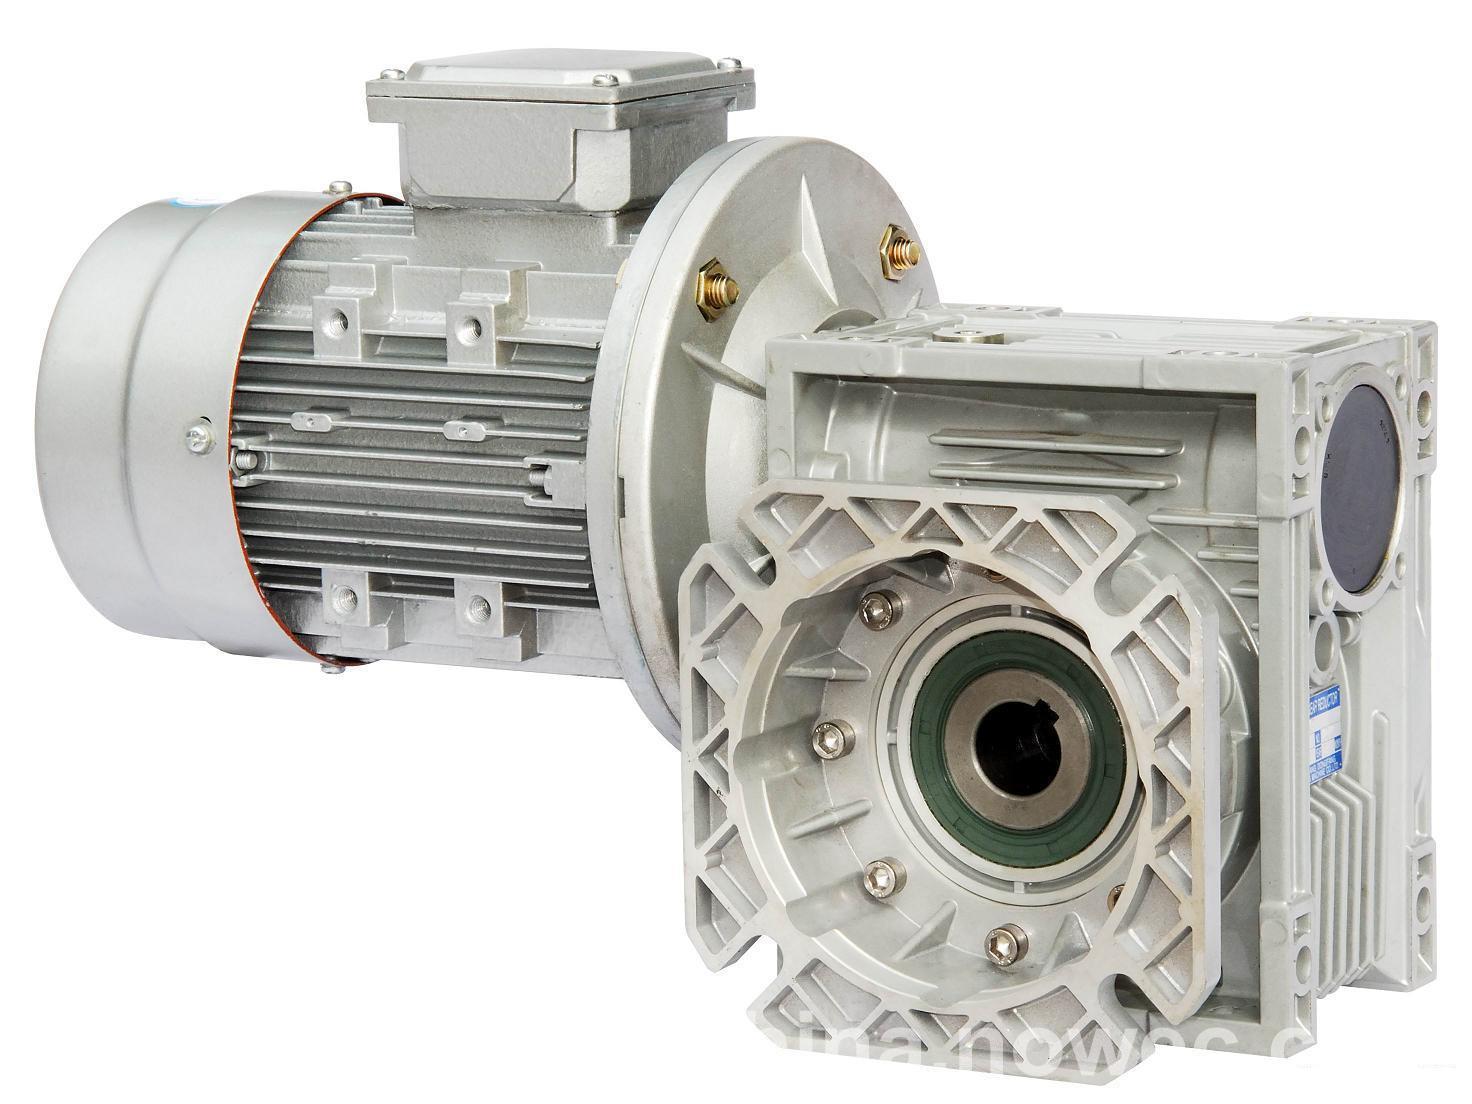 RV蝸輪蝸桿減速機(鋁殼材質 價格實惠 生產周期短)